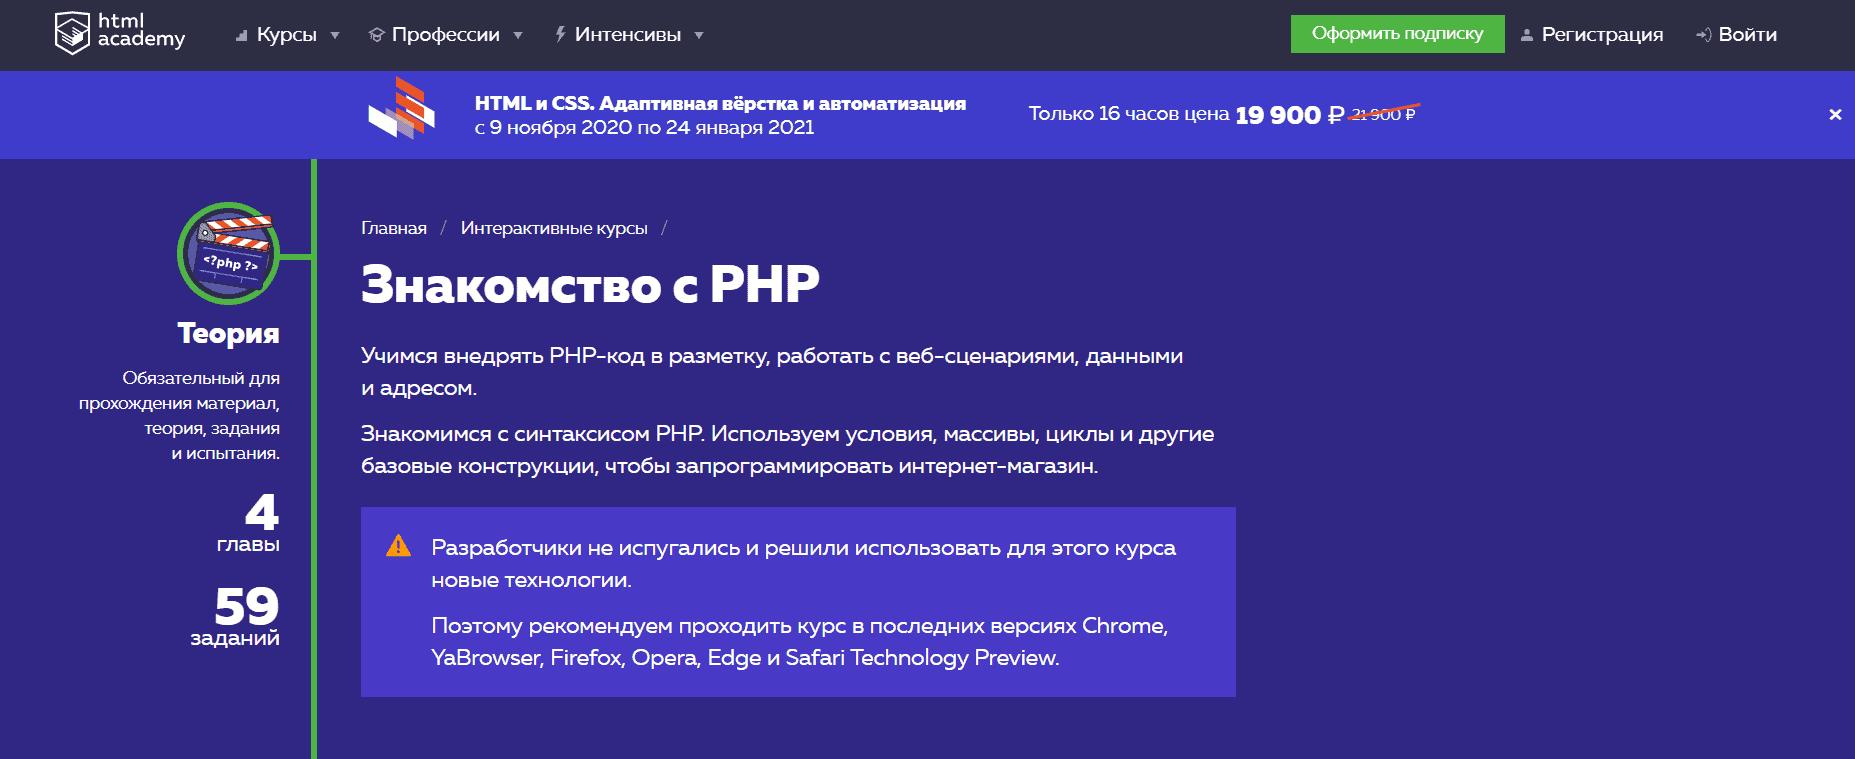 Знакомство с PHP — HTML Academy